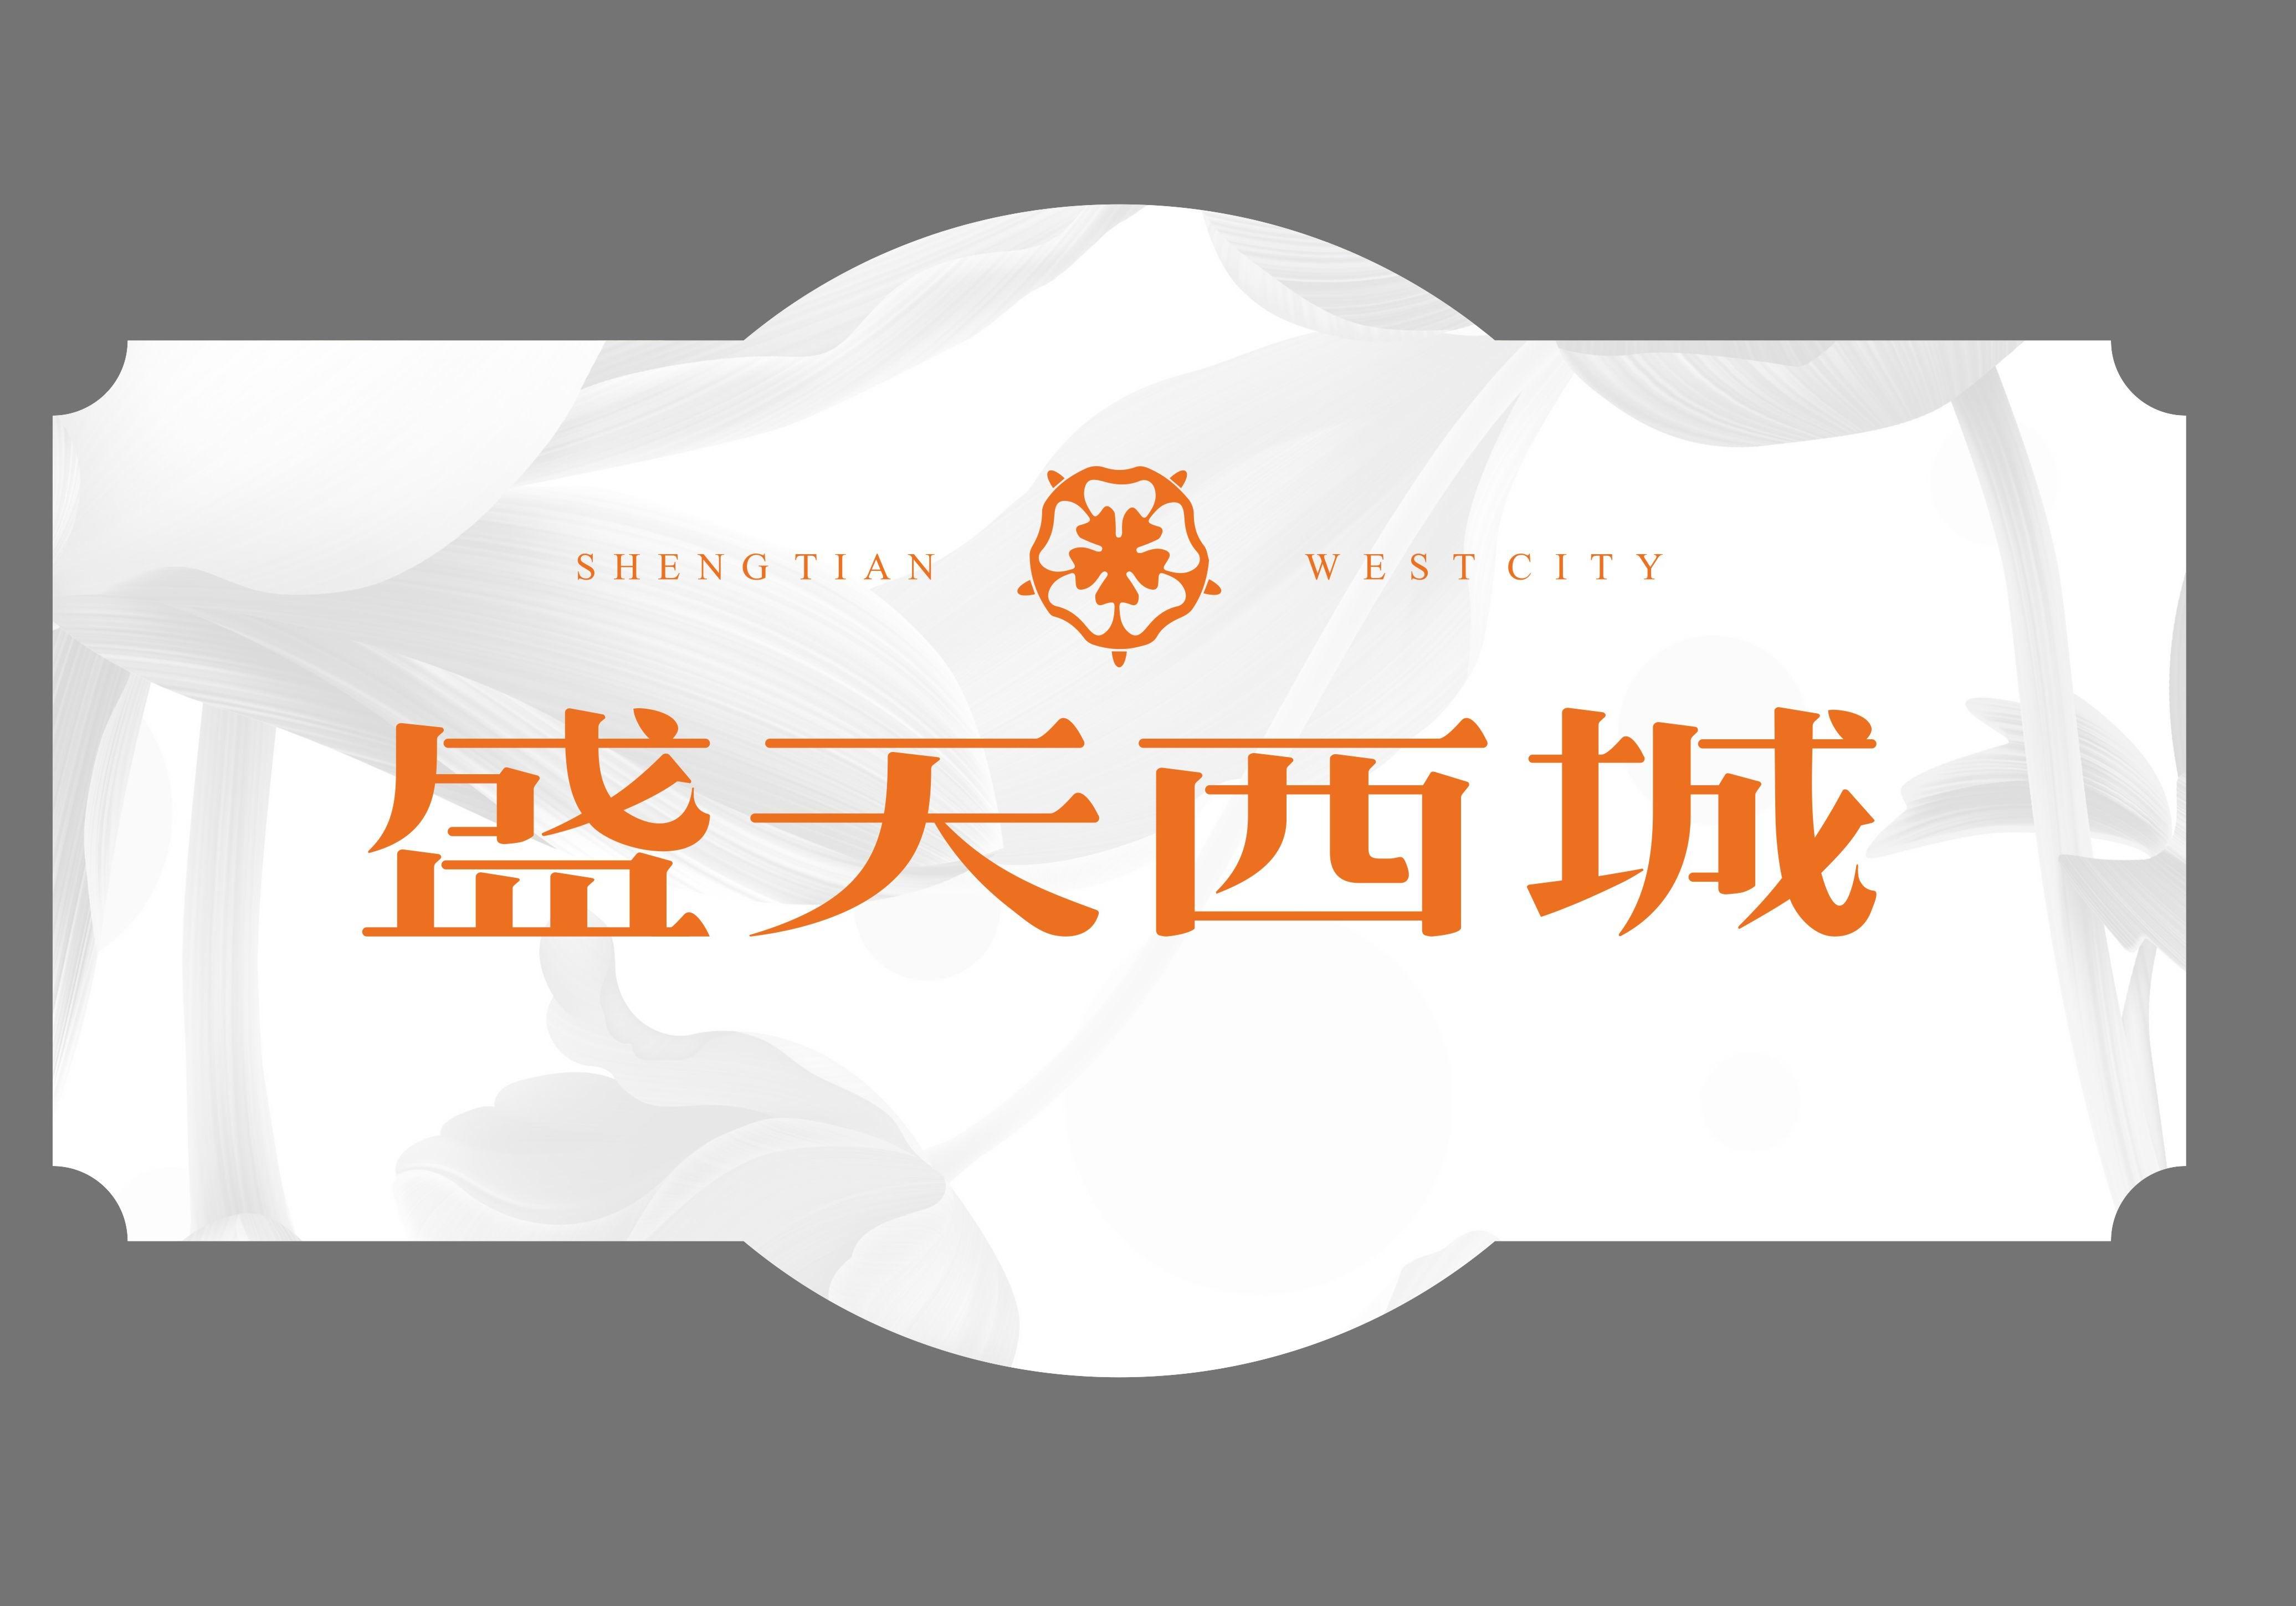 vinbet浩博西城